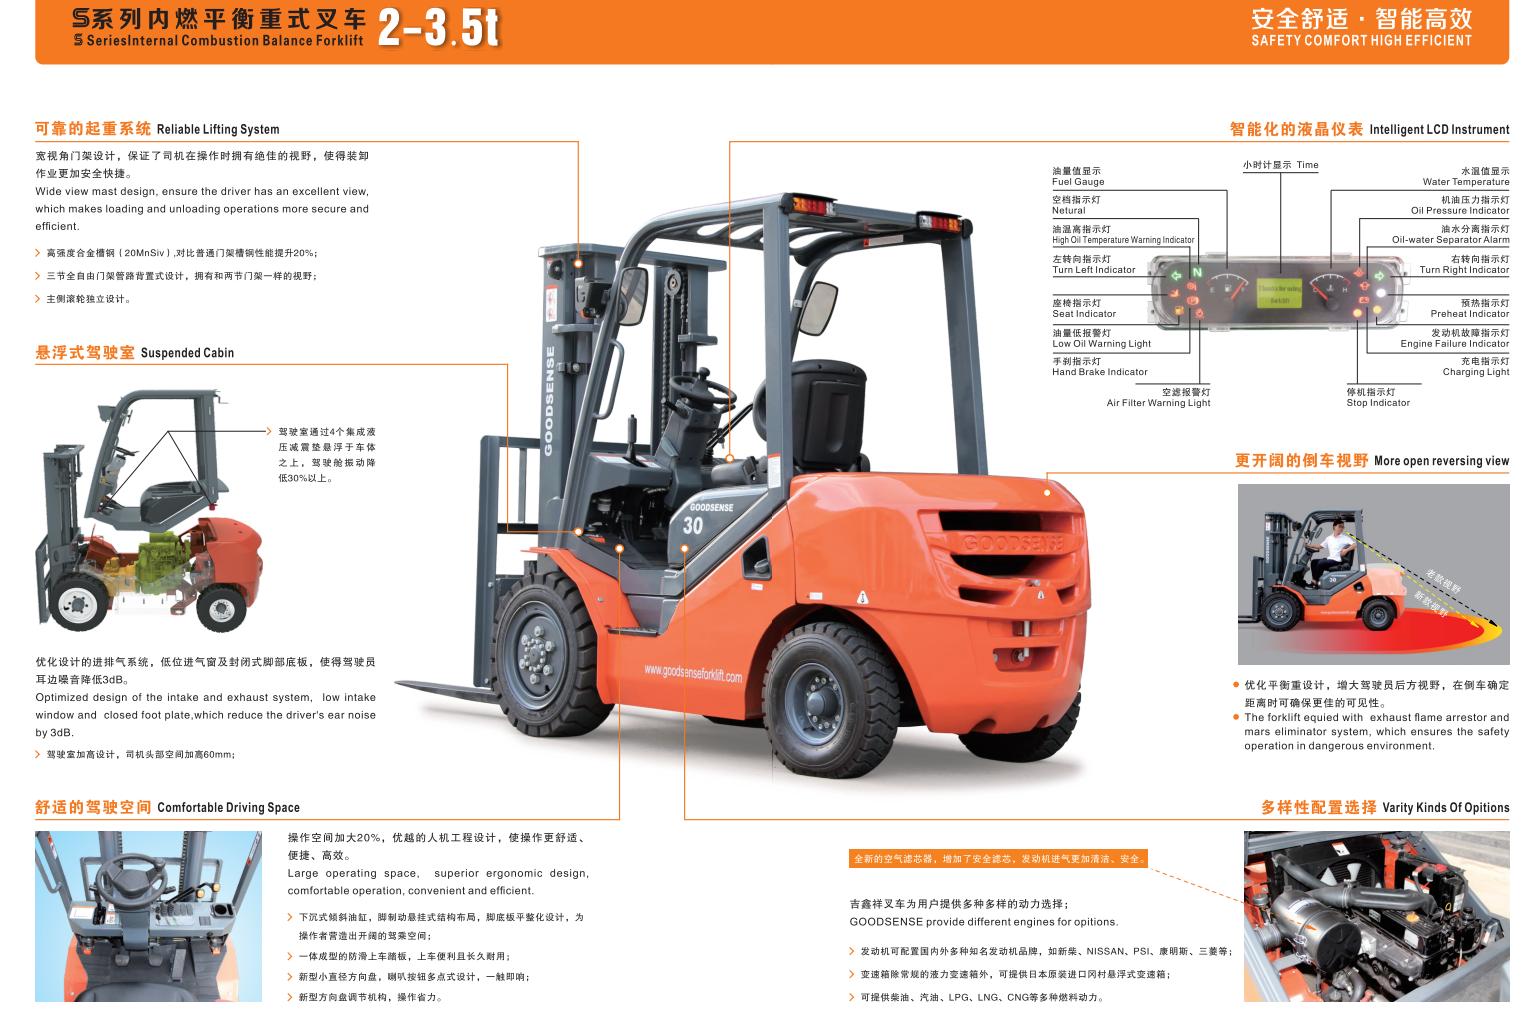 2-3.5T S系列内燃平衡重式叉车